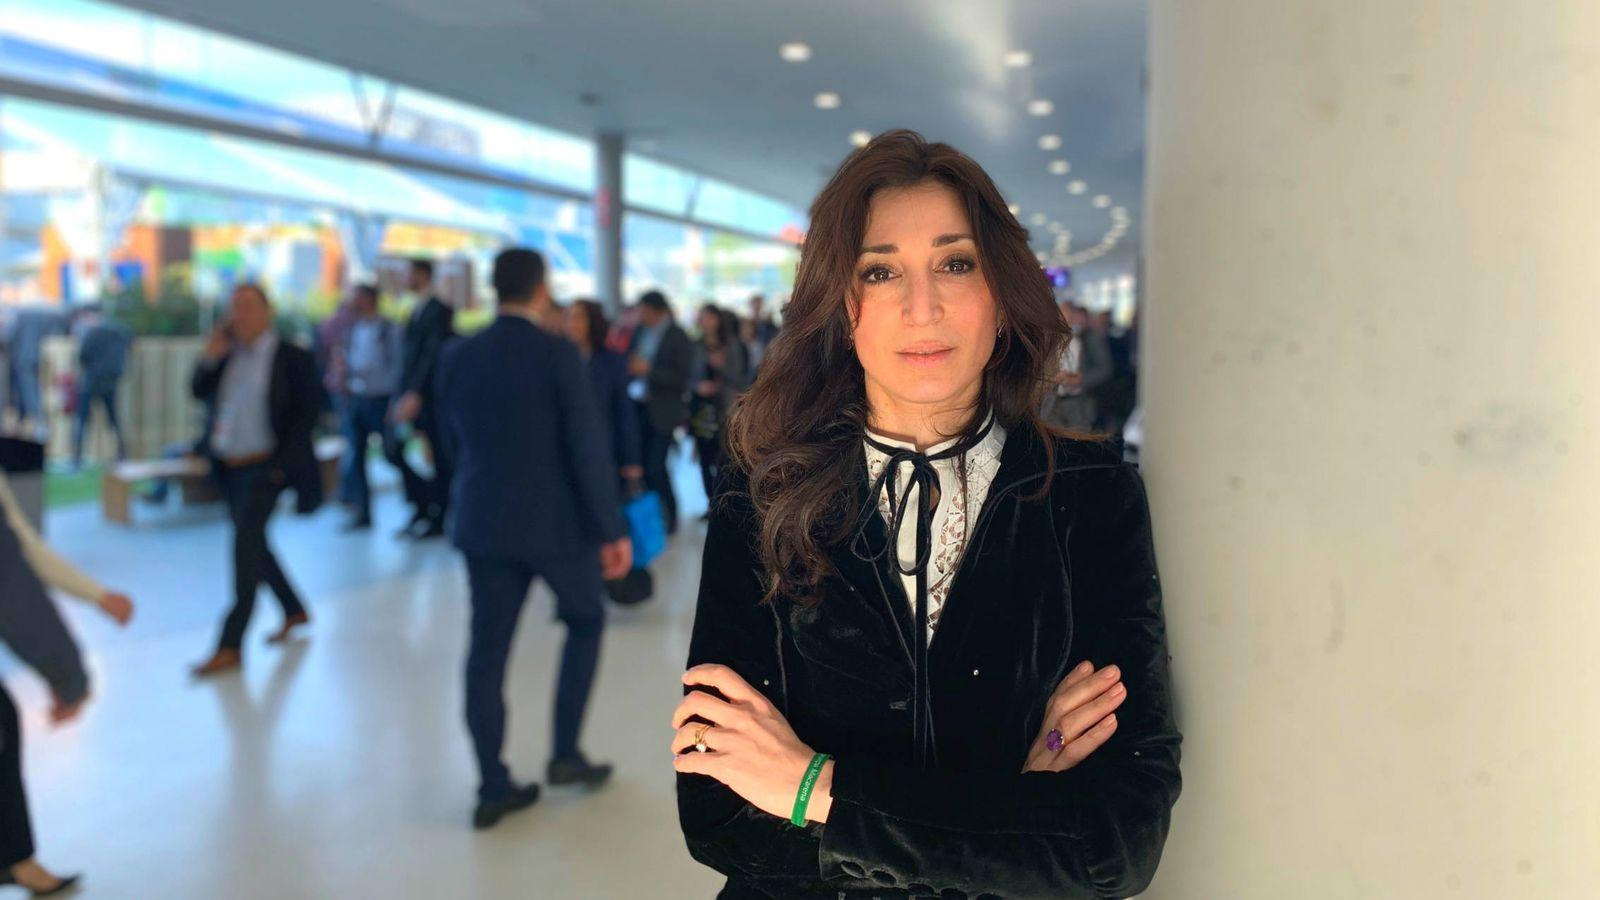 Foto: Heba Bevan, fundadora de la 'startup' UtterBerry y asesora del Gobierno británico. (M. Á. M.)